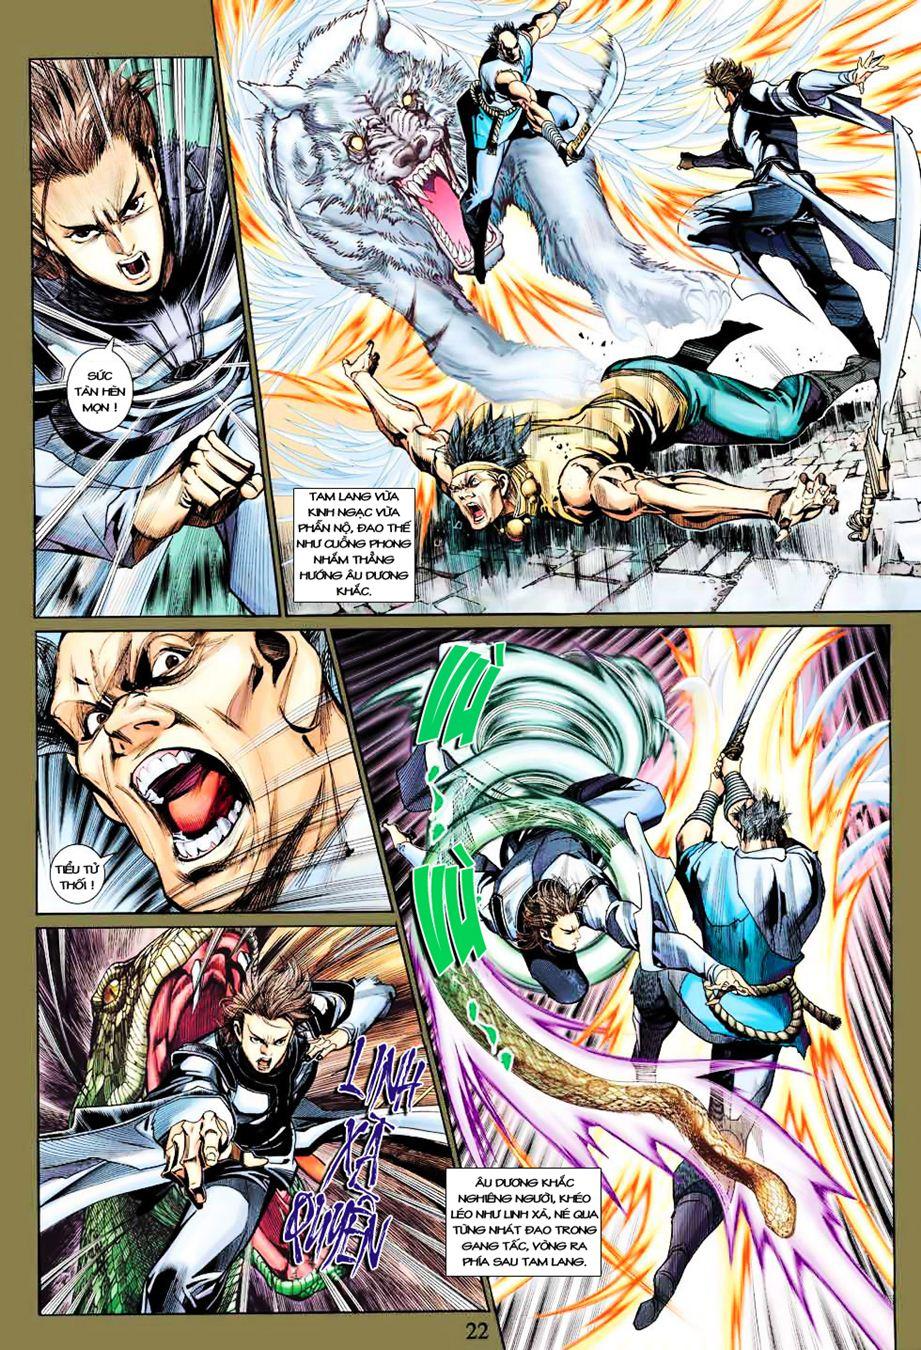 Anh Hùng Xạ Điêu anh hùng xạ đêu chap 35 trang 22